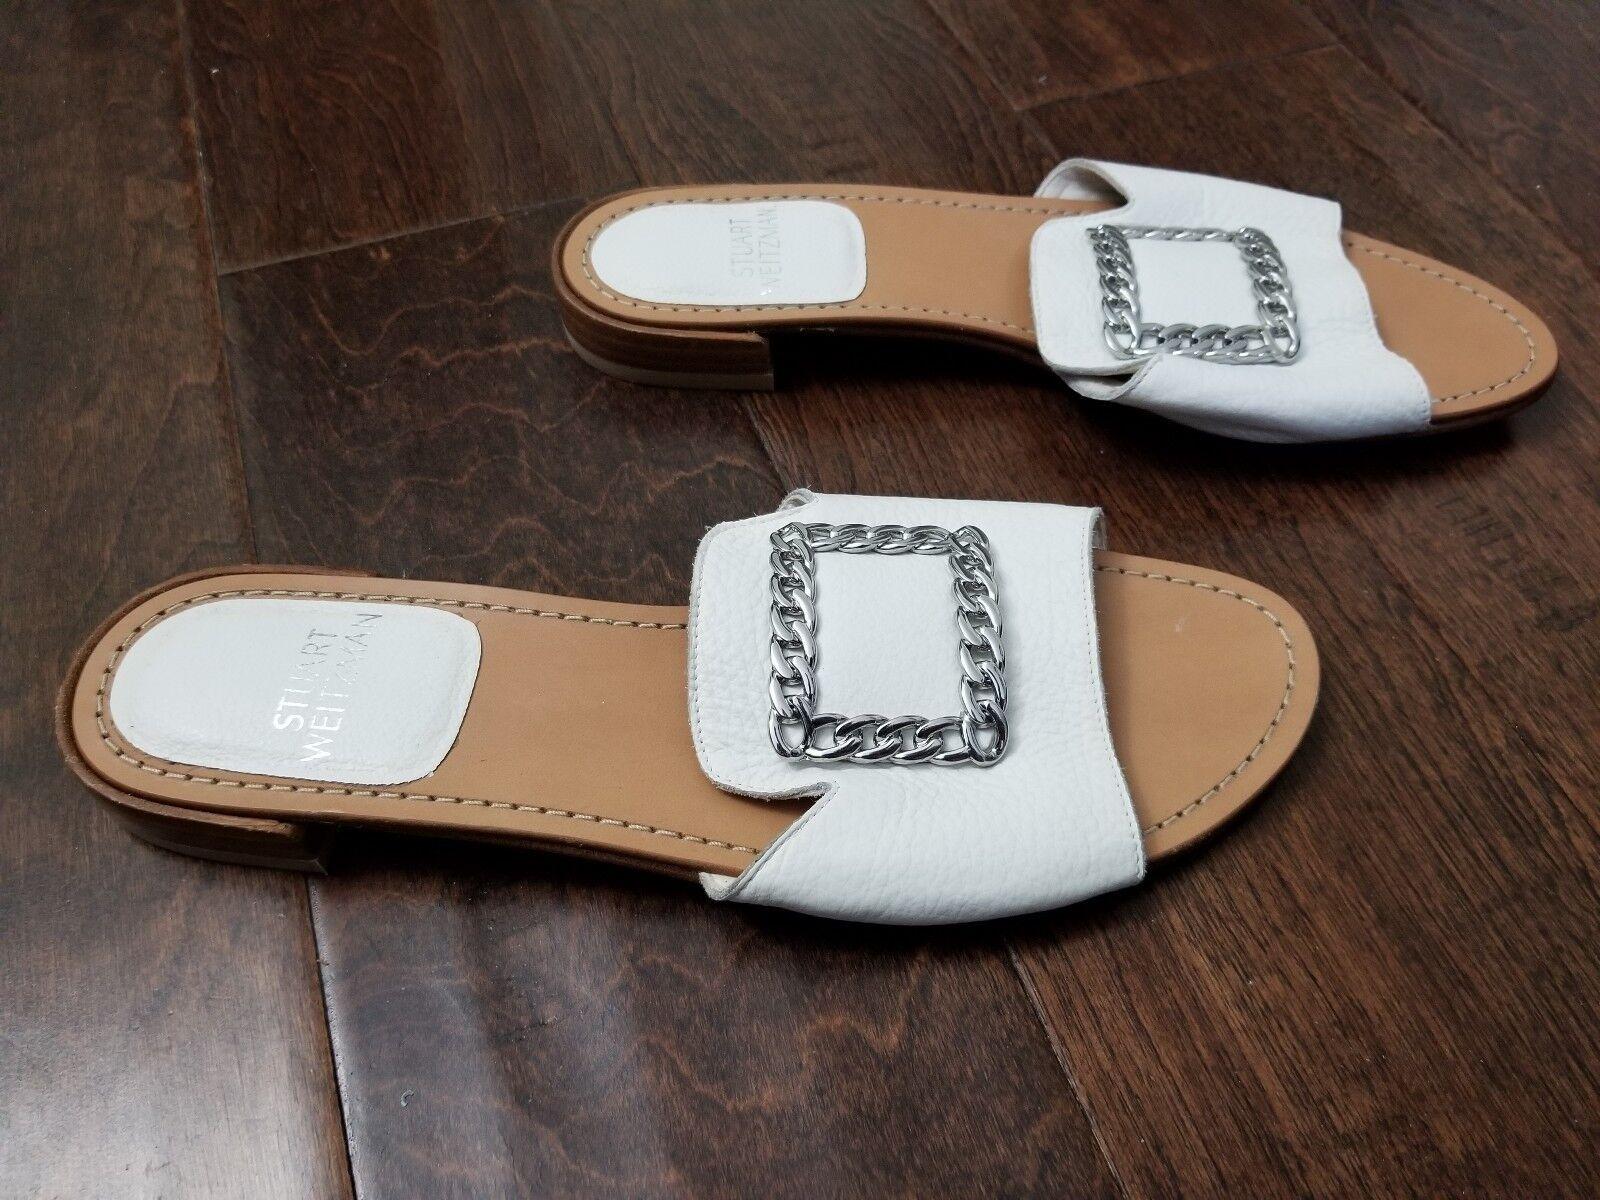 Nouveau Femmes Stuart Weitzman Weitzman Weitzman Cuir Avec Boucle Accent Diapositive Sandale Taille 8 1 2 M 103ab3